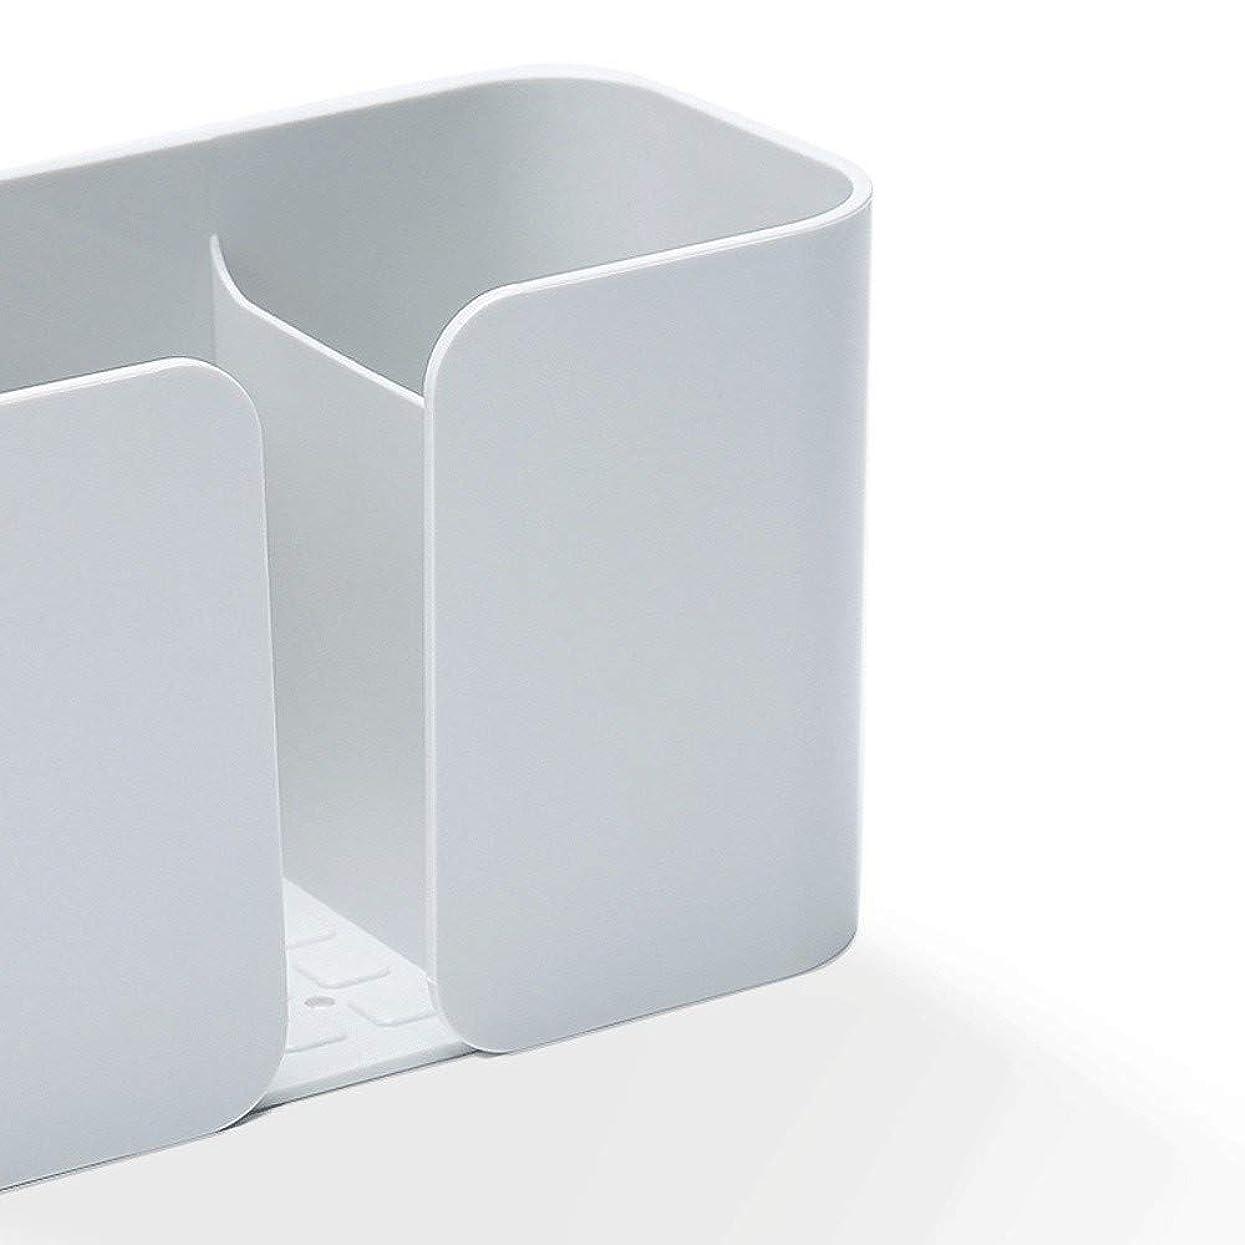 プログラム溶接予防接種するトイレラック タオルハンガープラスチックタオルラックと棚浴室の棚シャワーキャディ、トレースレスINSTALの浴室の棚とシャワーラックシャワー トイレラック